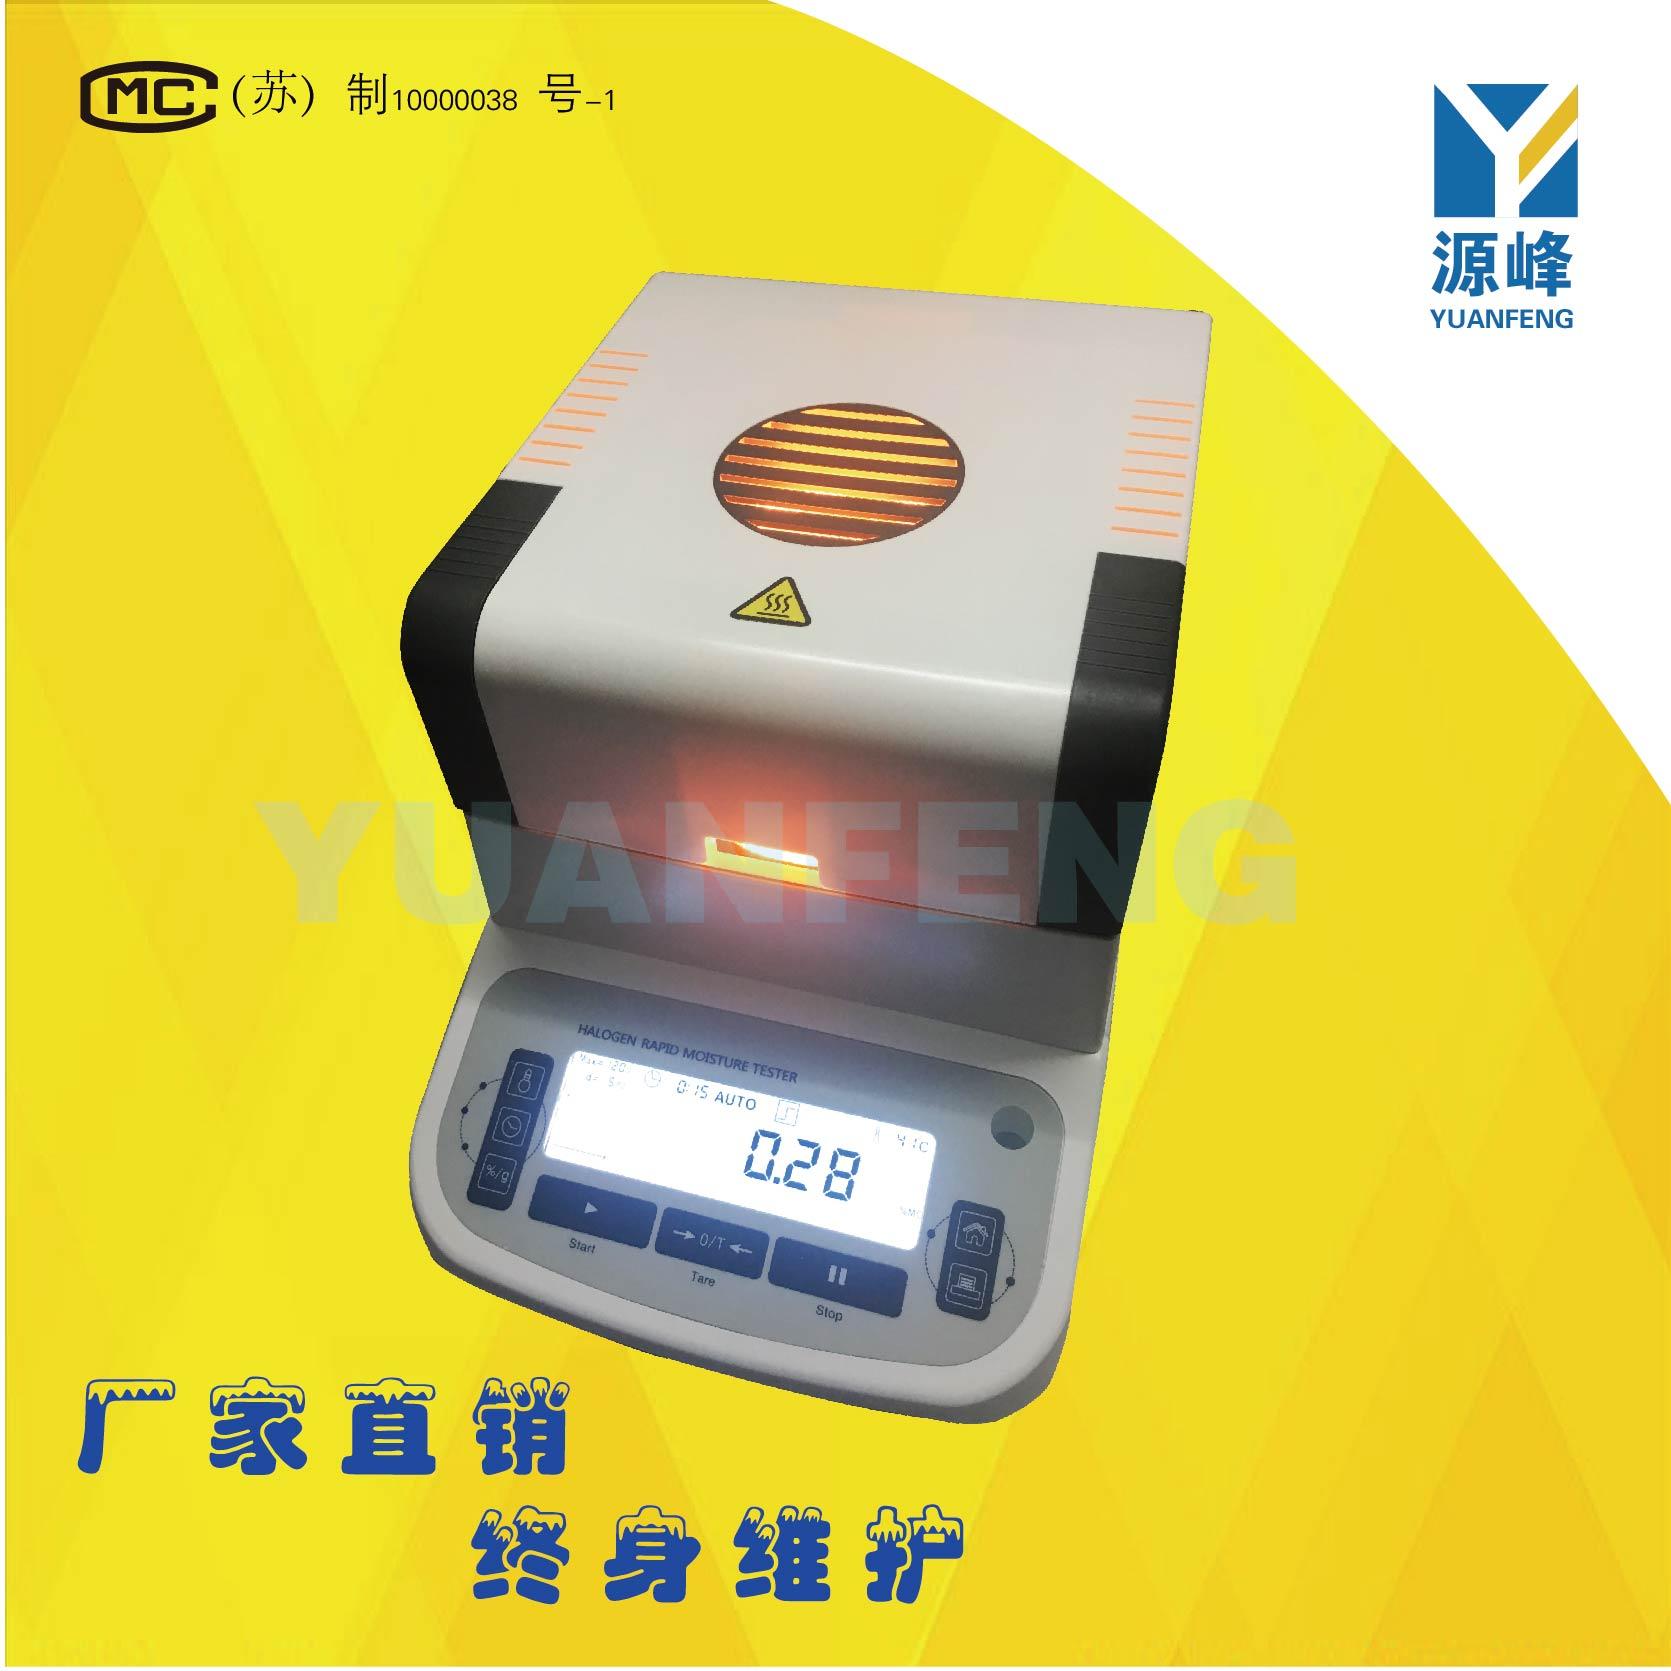 水分仪,数显水分仪,全自动水分仪,水分测定仪